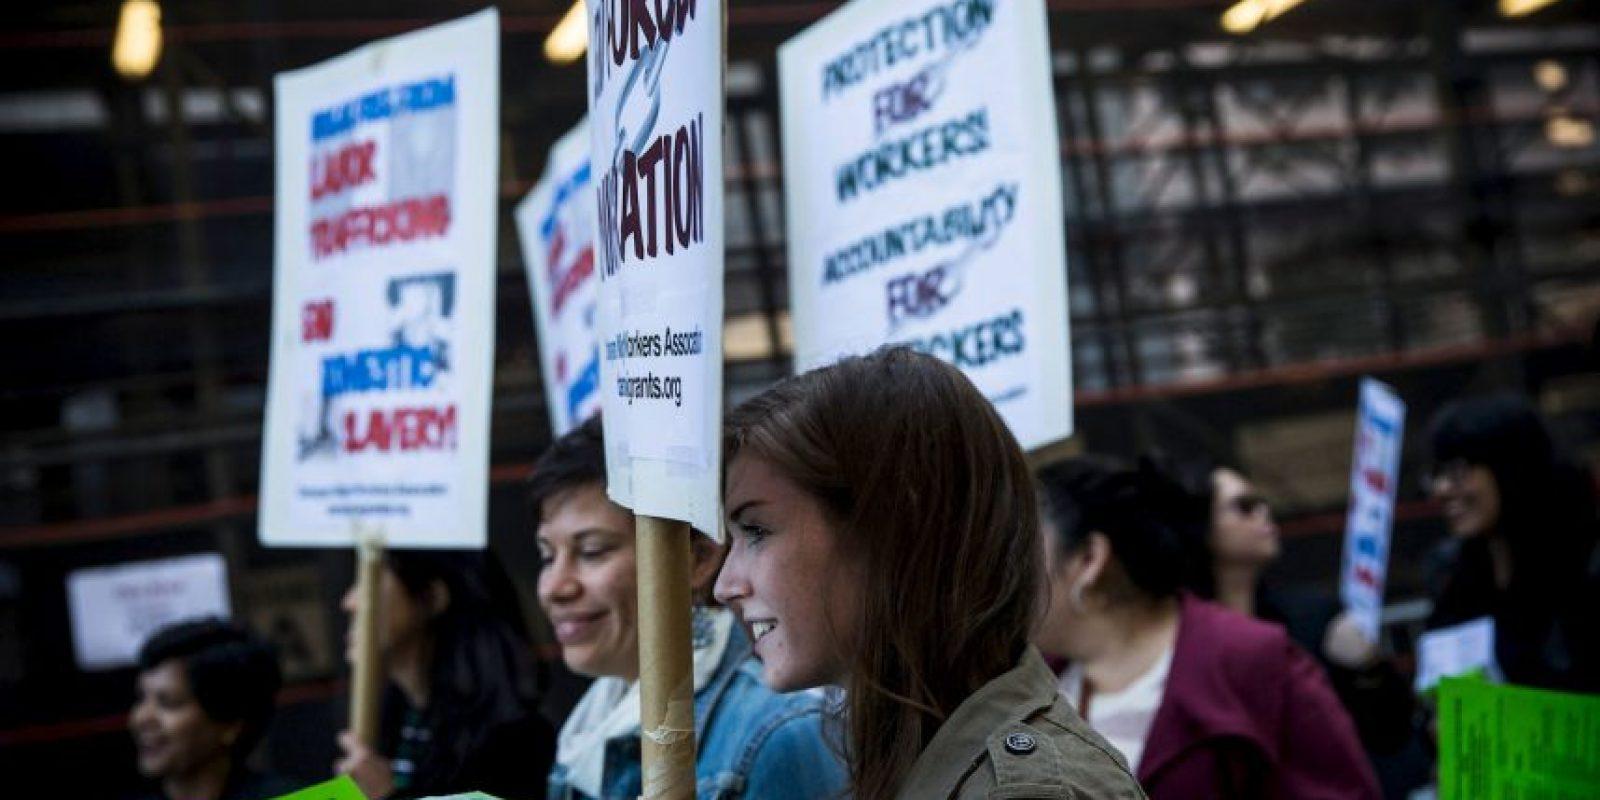 De aquellos que son explotados por individuos o empresas, 4,5 millones son víctimas de explotación sexual forzosa. Foto:Getty Images